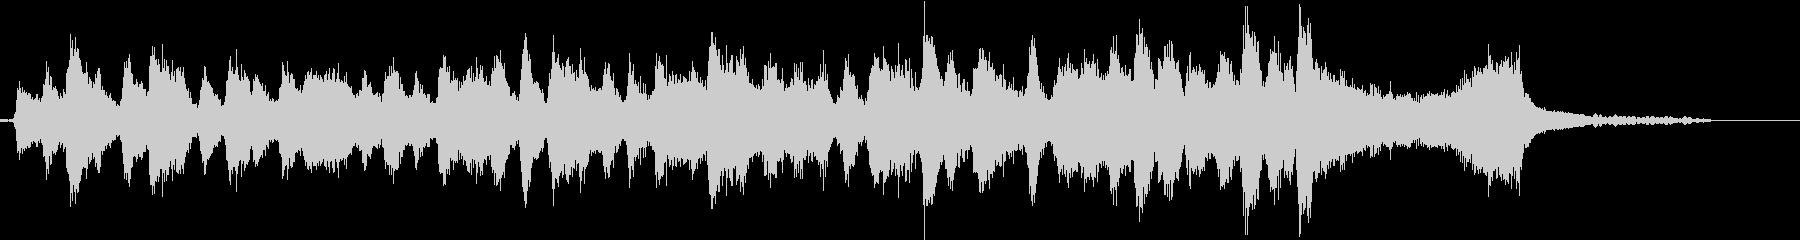 弦楽四重奏とピアノ、軽快感のあるジングルの未再生の波形